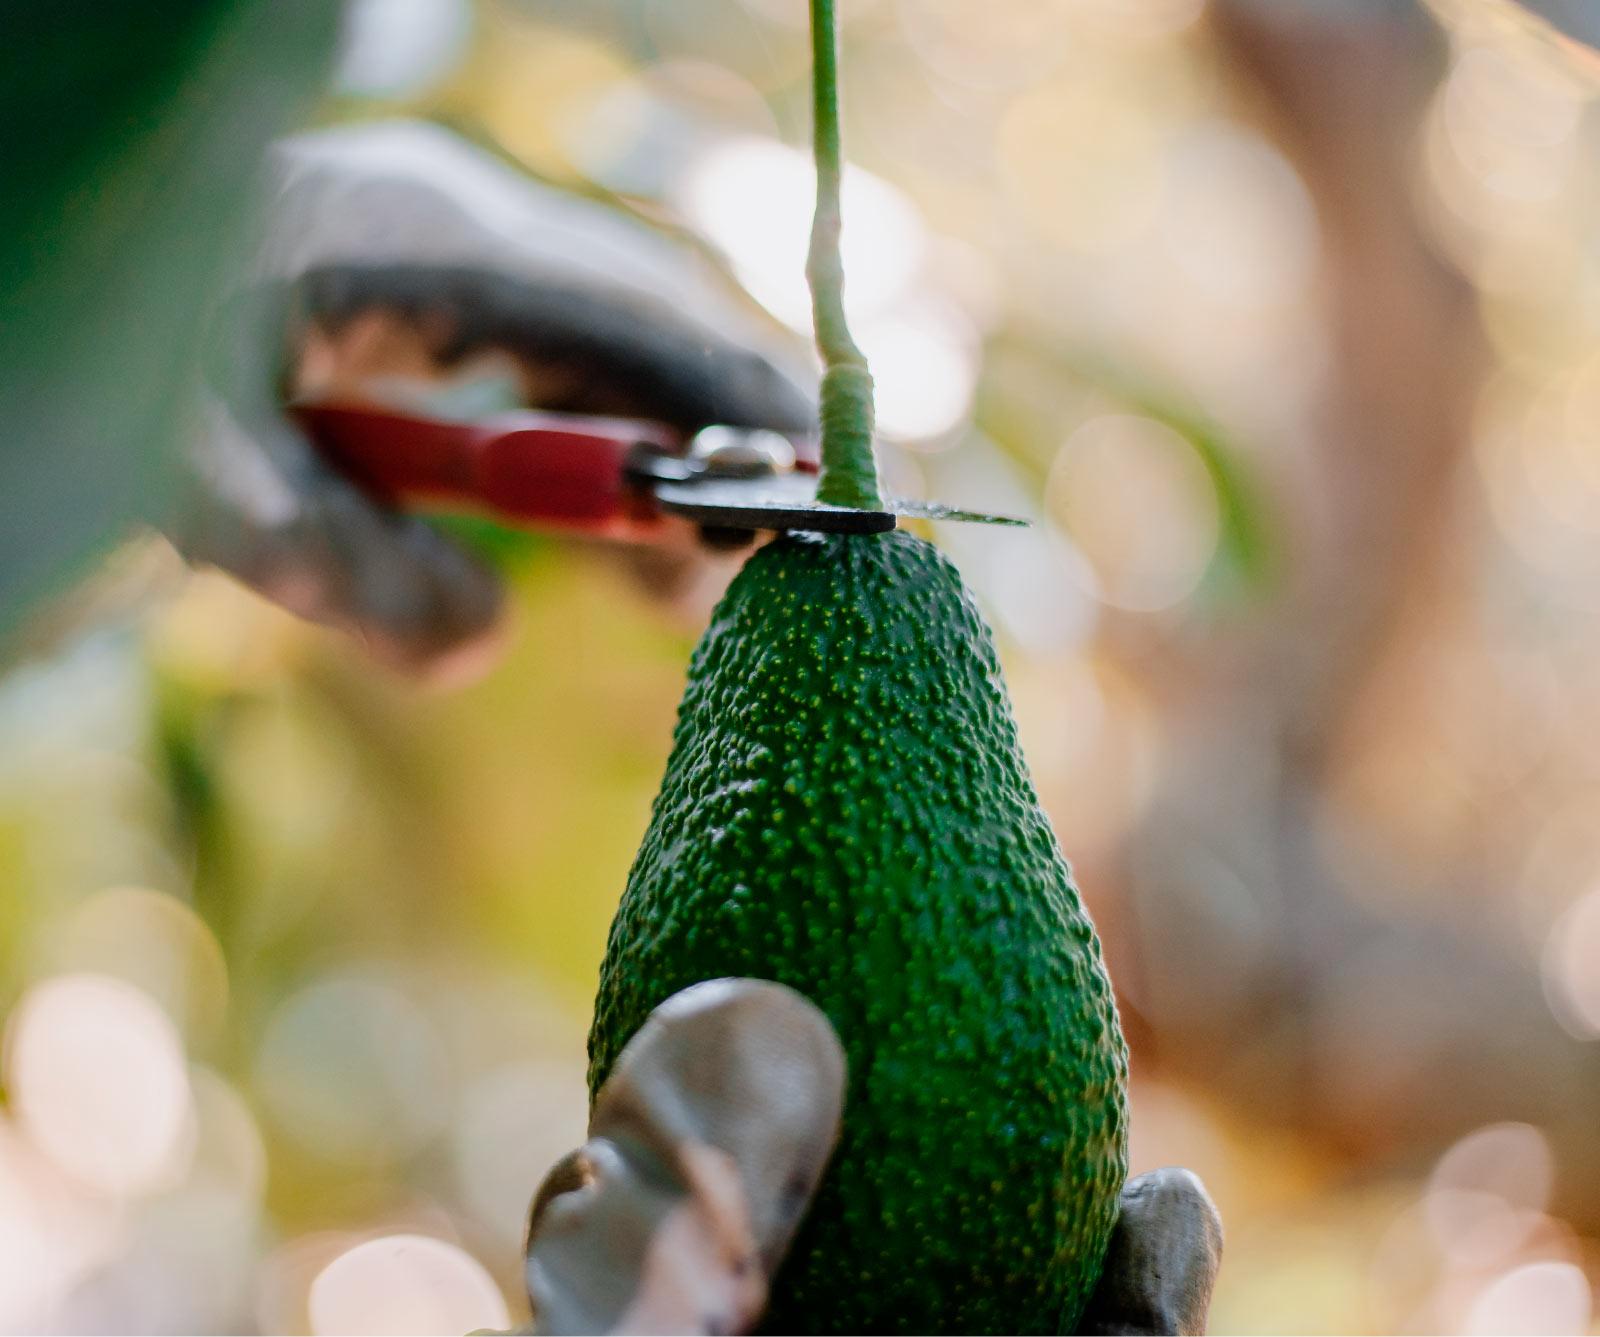 la filiera avocado esquisita Spreafico